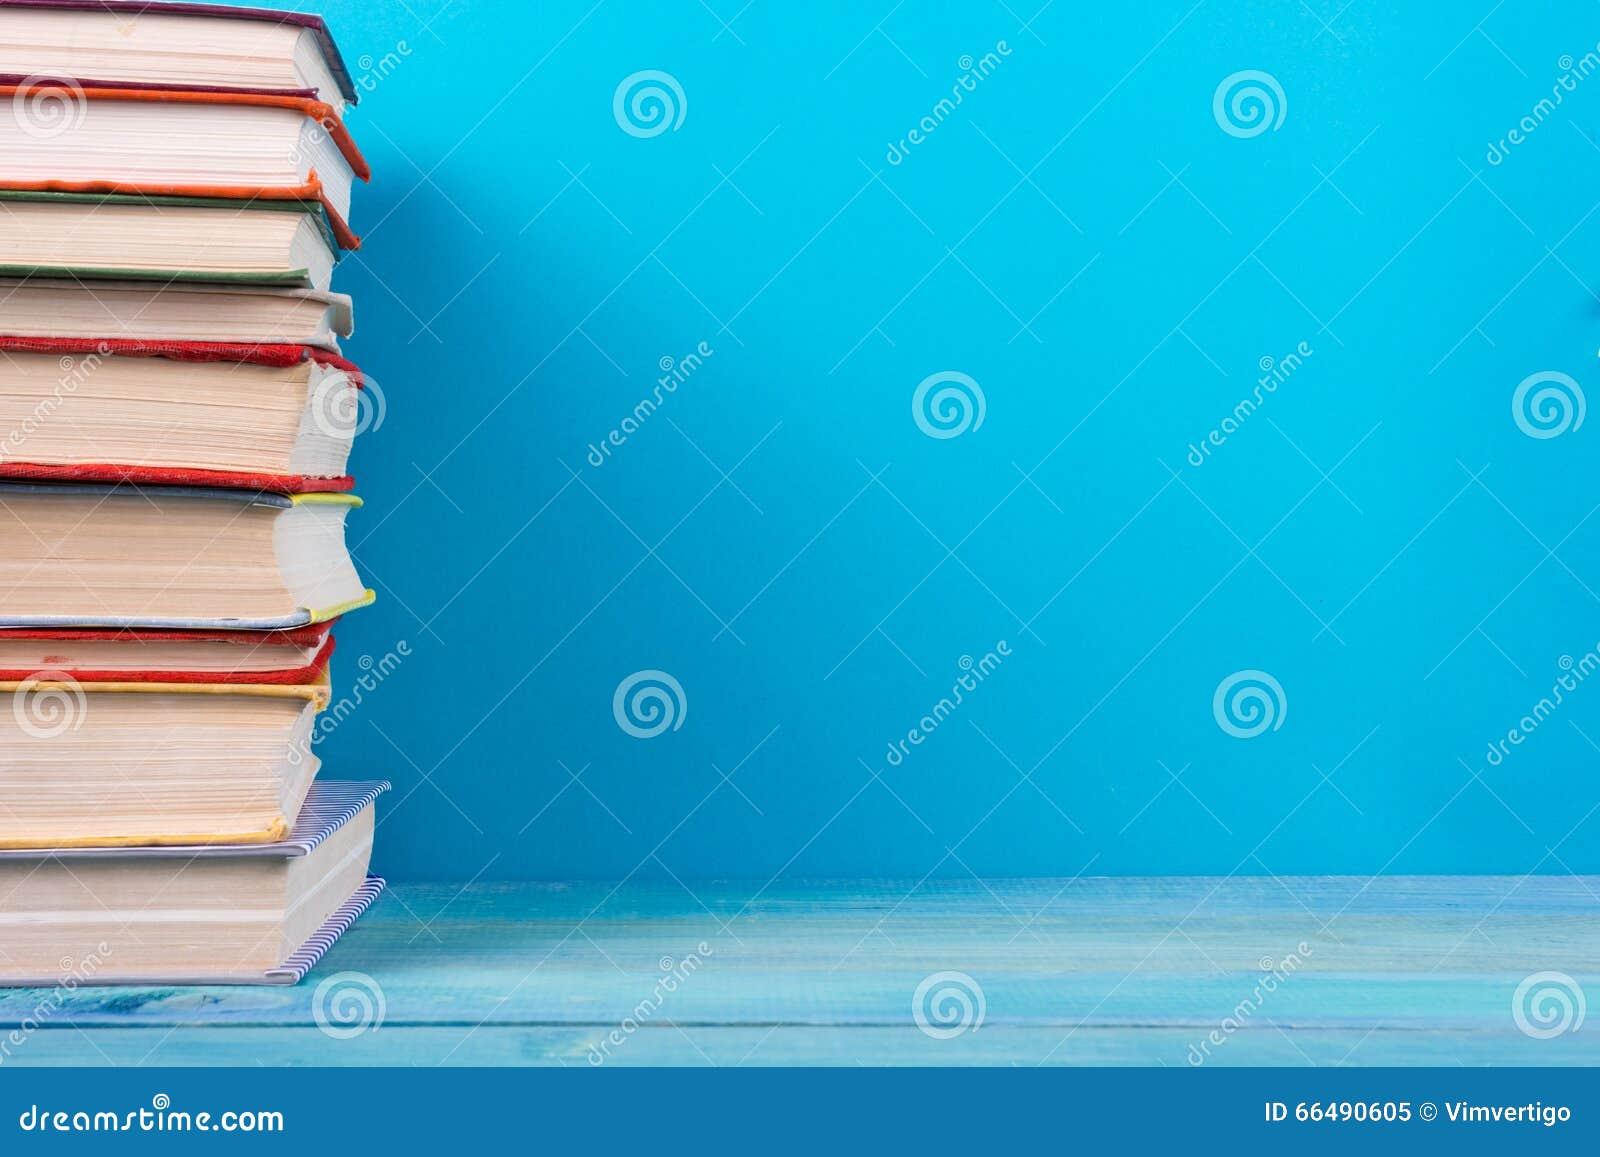 Sterta kolorowe książki, grungy błękitny tło, bezpłatnej kopii przestrzeń